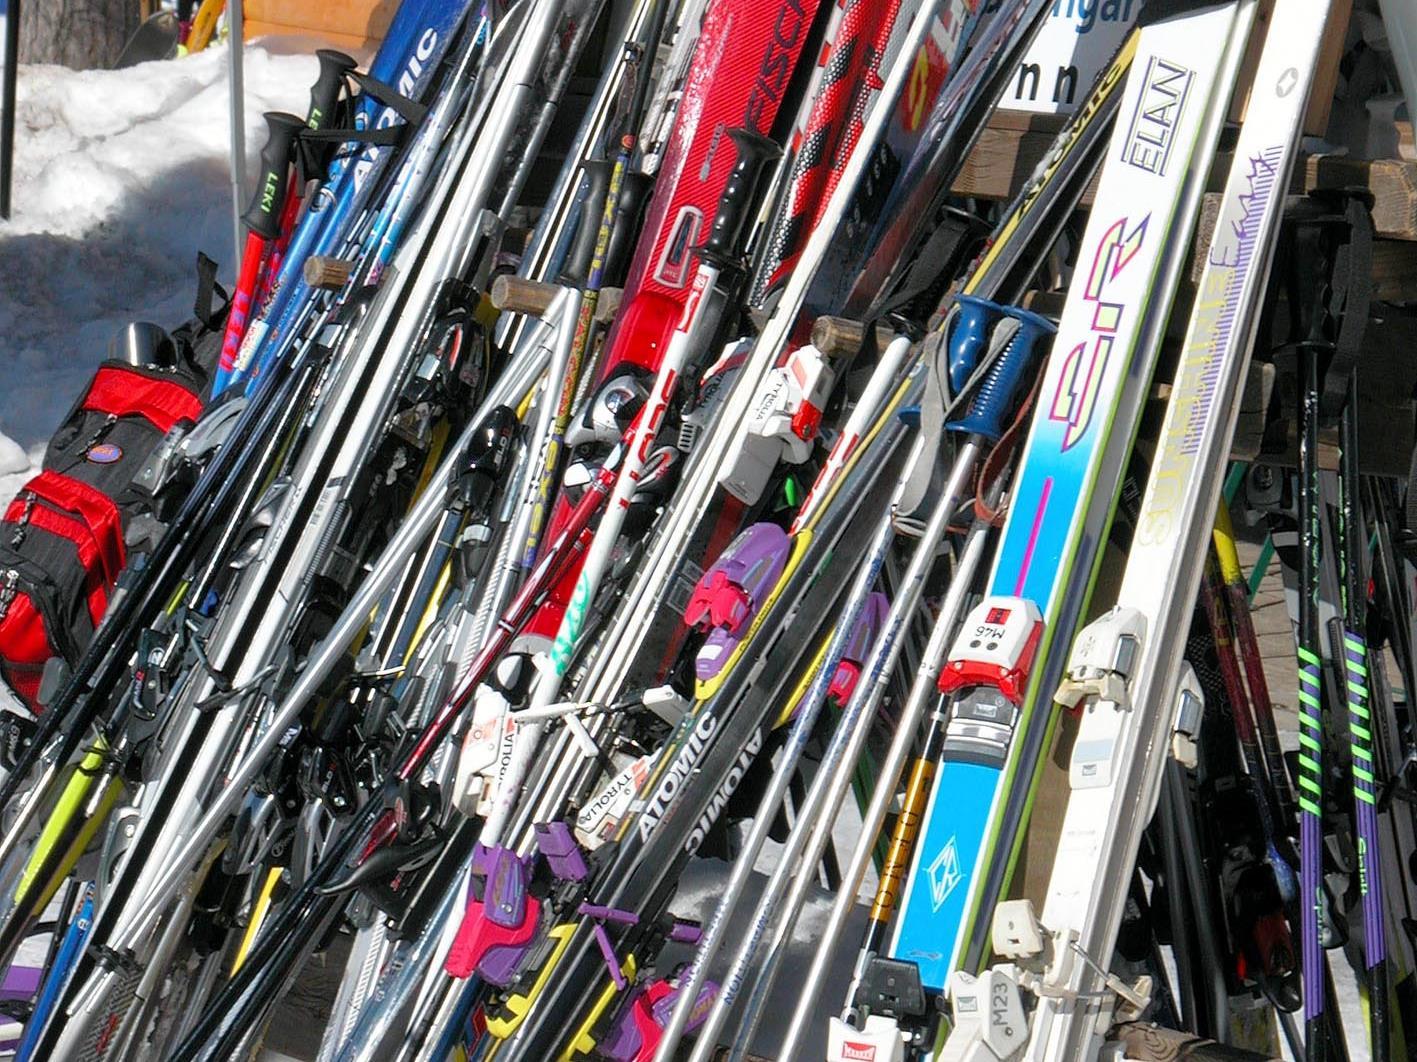 Die Diebe sollen 326 Paar Ski im Wert von rund 147.000 Euro in Oberösterreich gestohlen und in Tirol weiterverkauft haben.